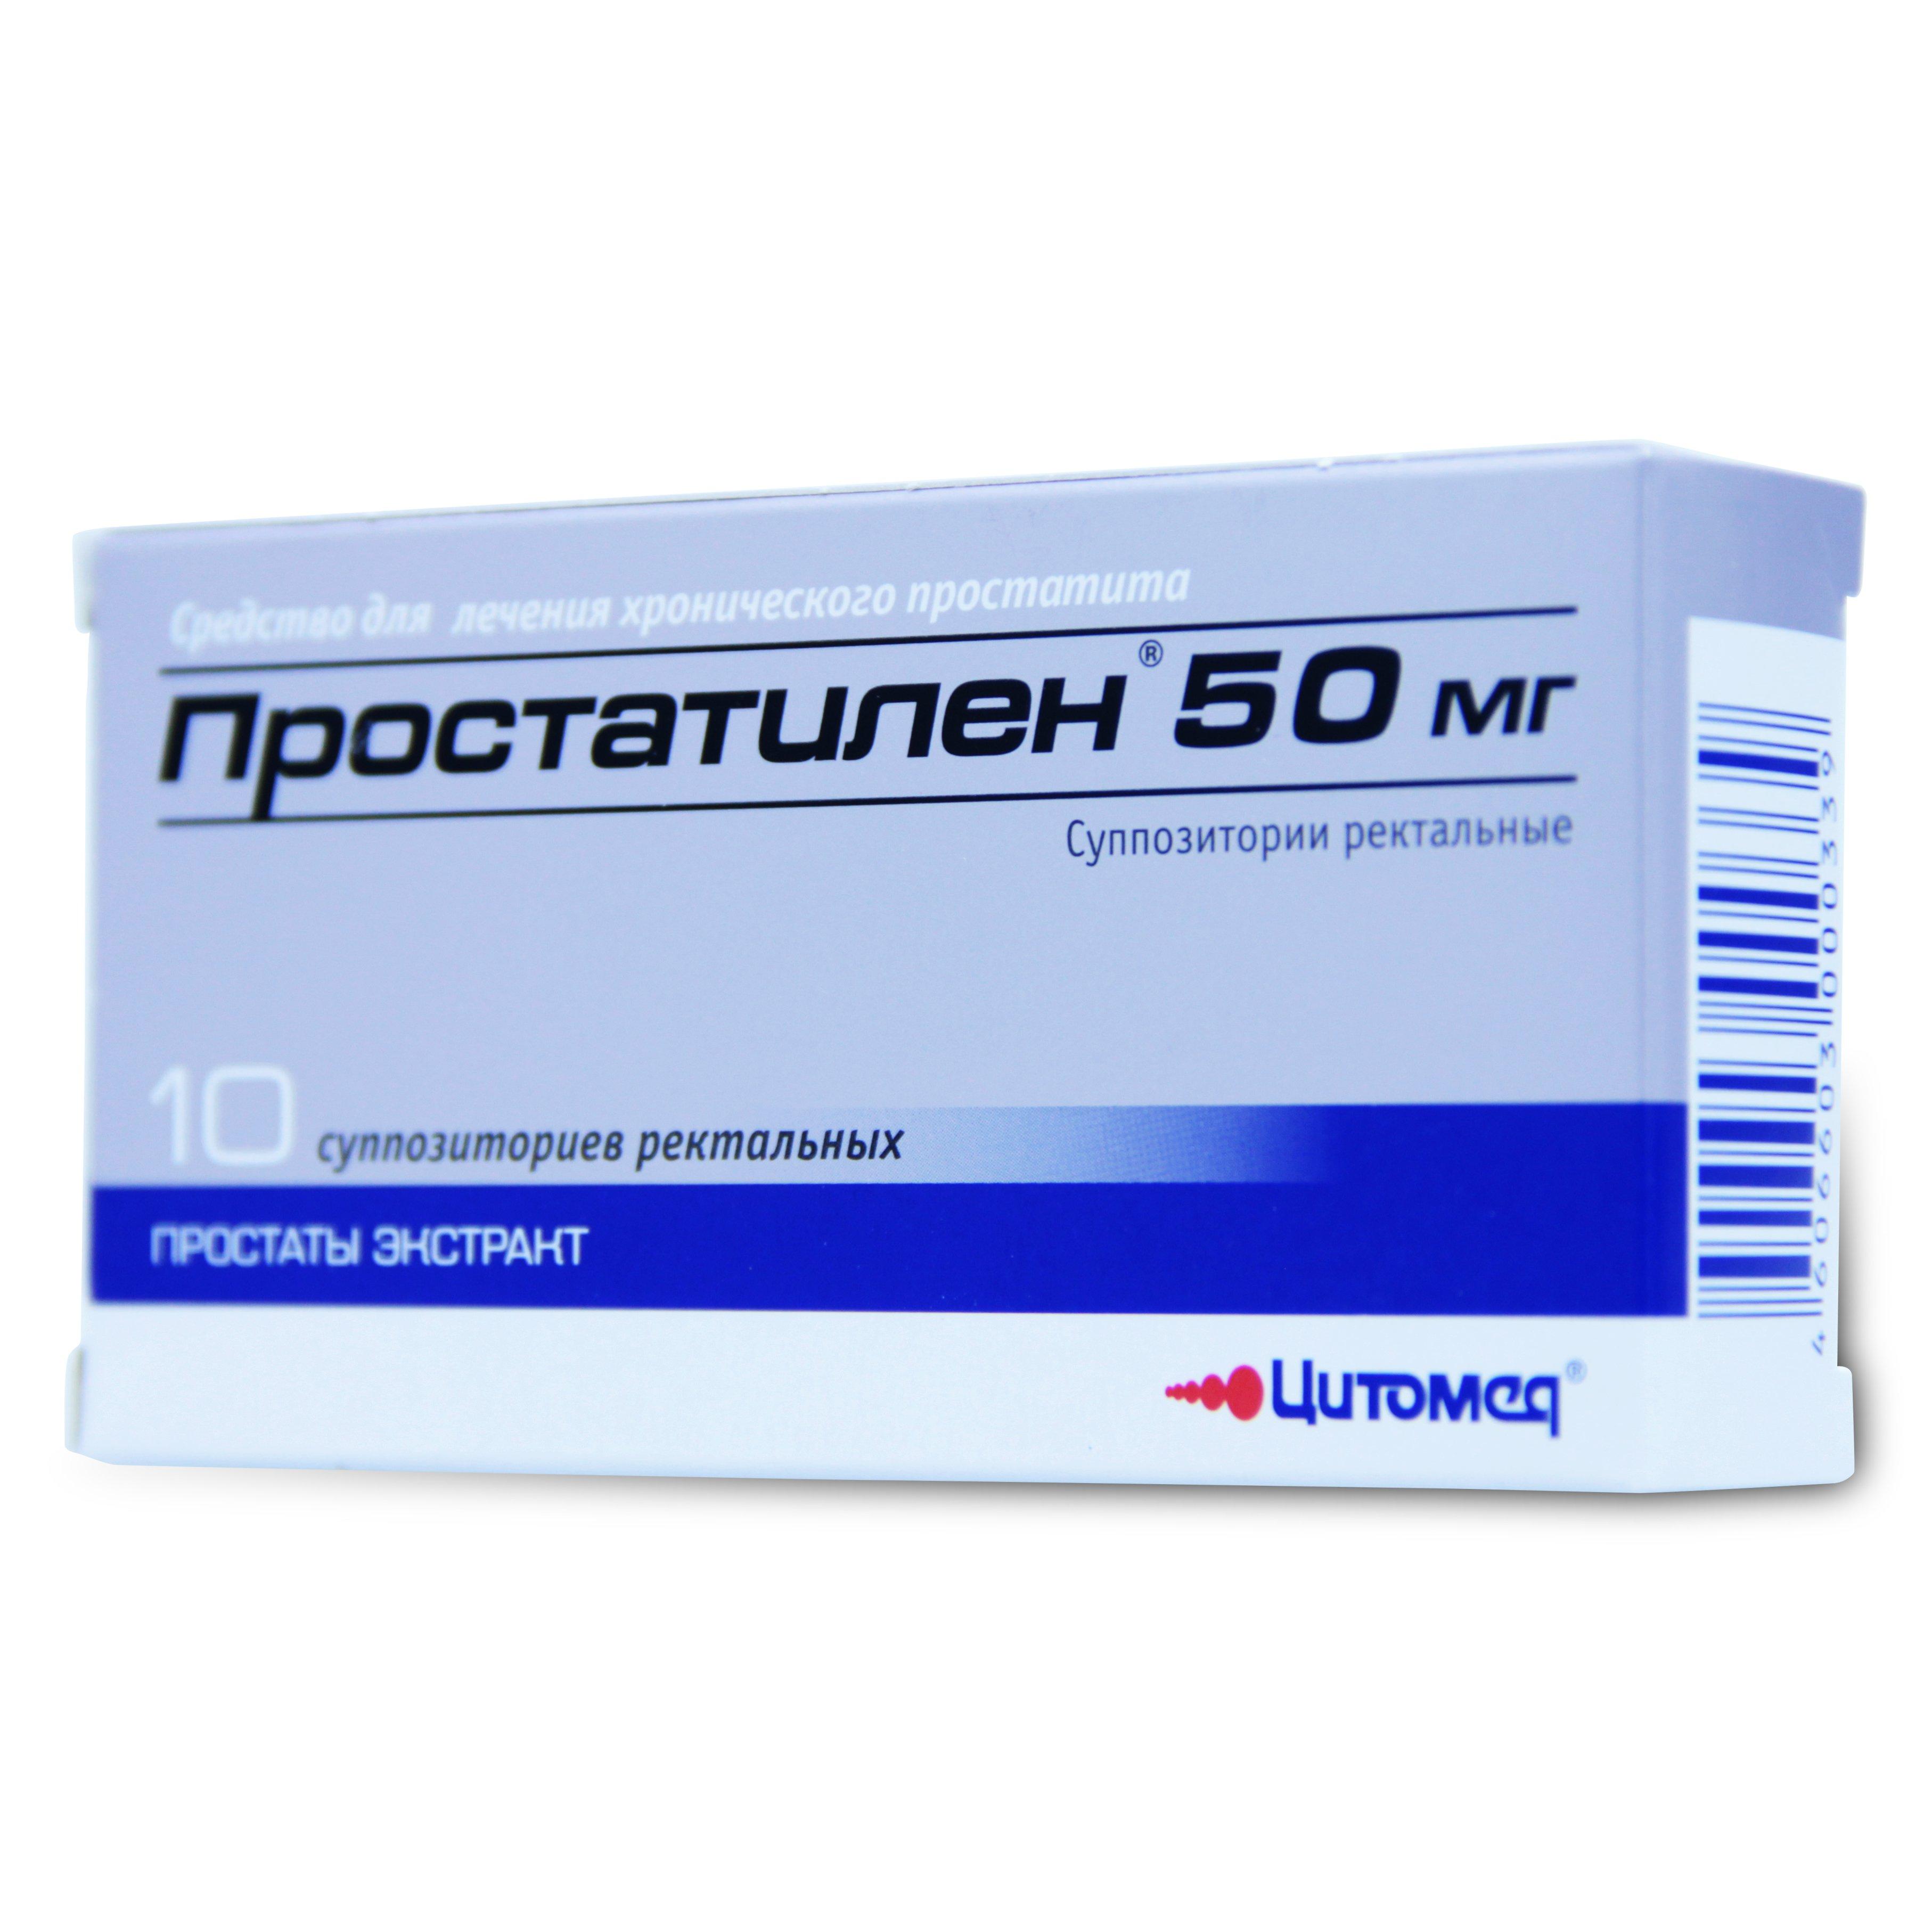 Простатилен (Простаты экстракт) цены, применение, описание ...